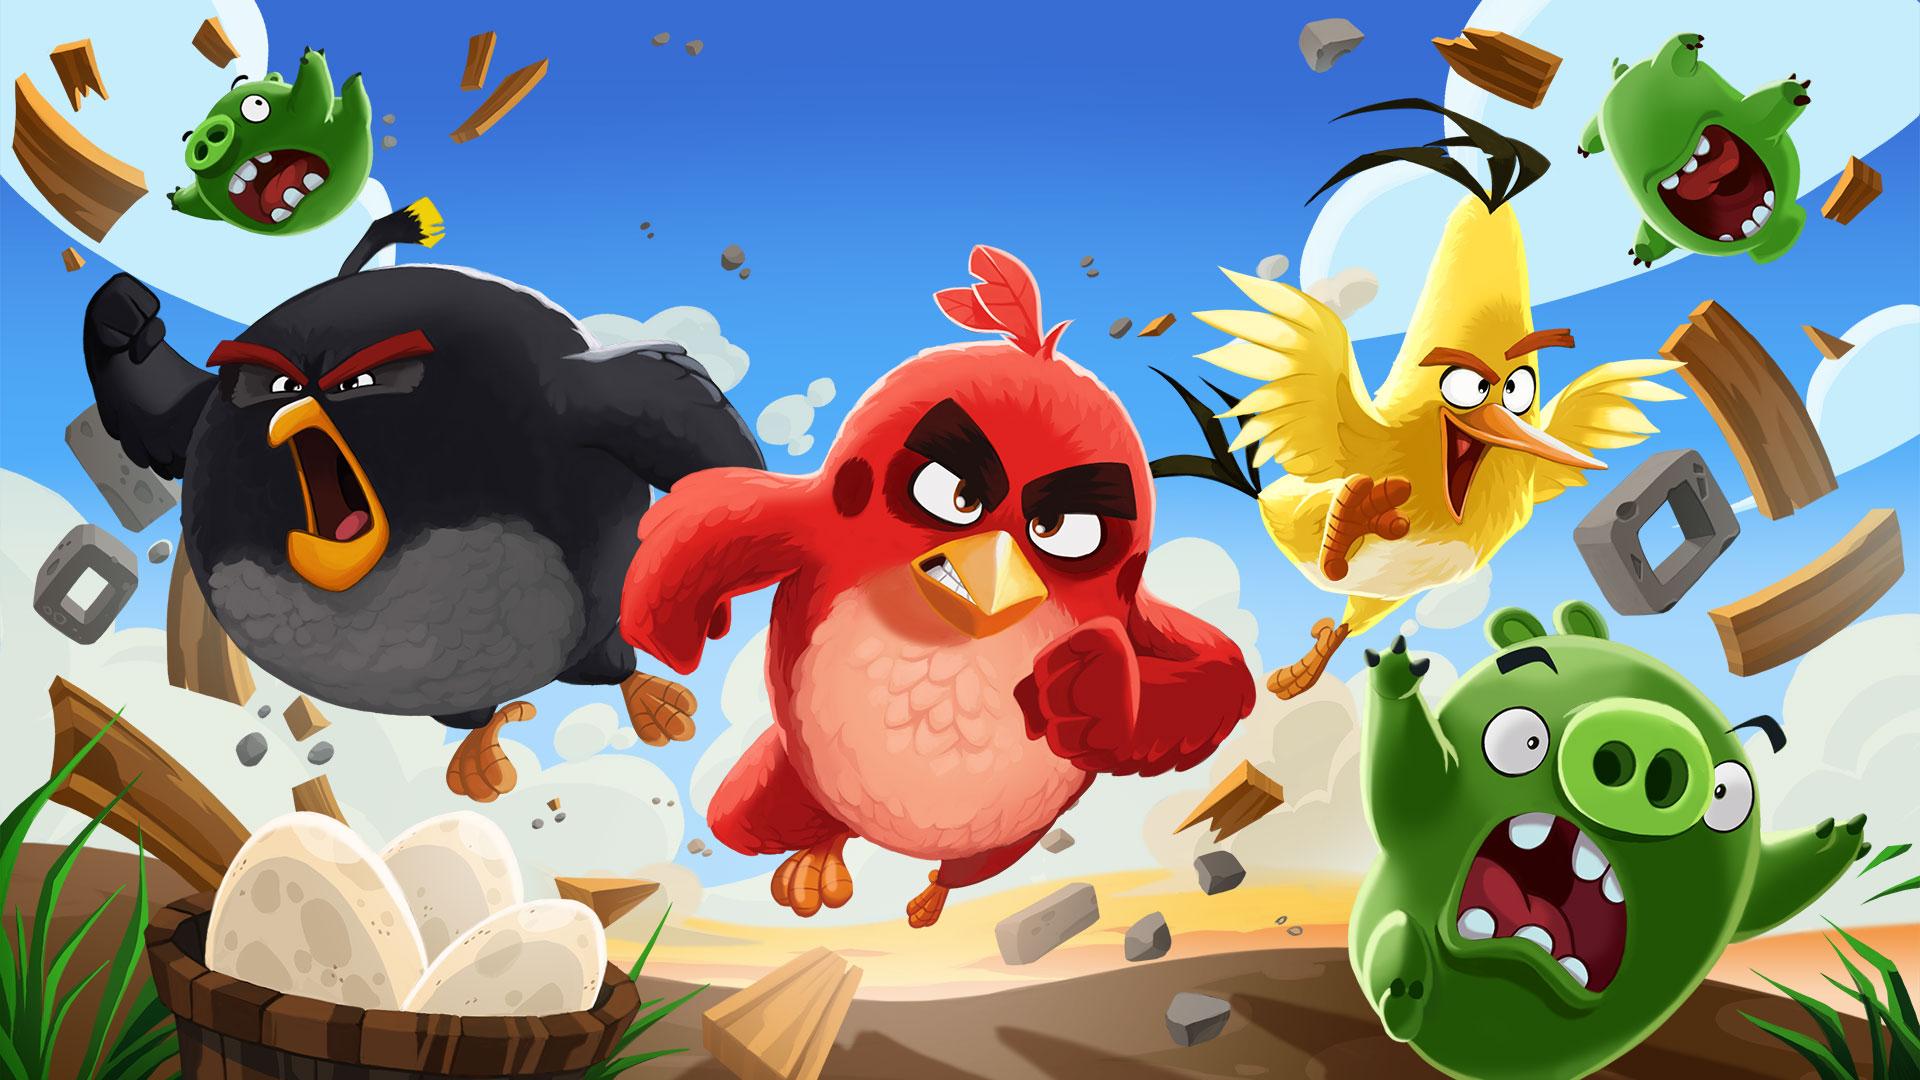 《憤怒的小鳥》將推出全新動畫 2021年網飛播出